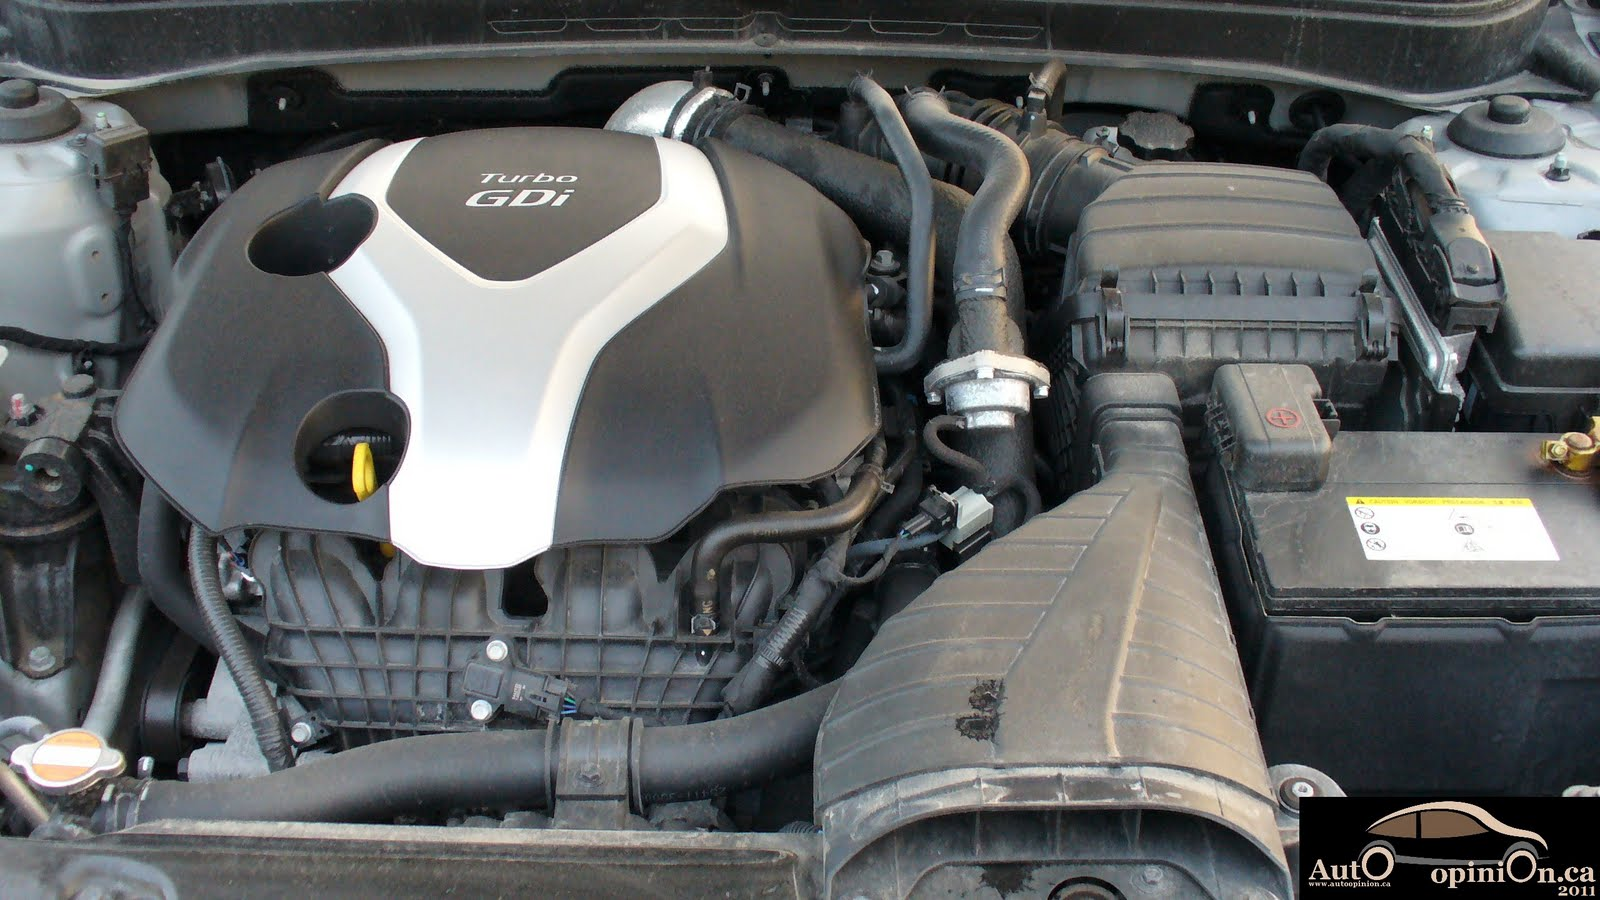 Auto Opinion Ca Essai Routier Complet Hyundai Sonata 2